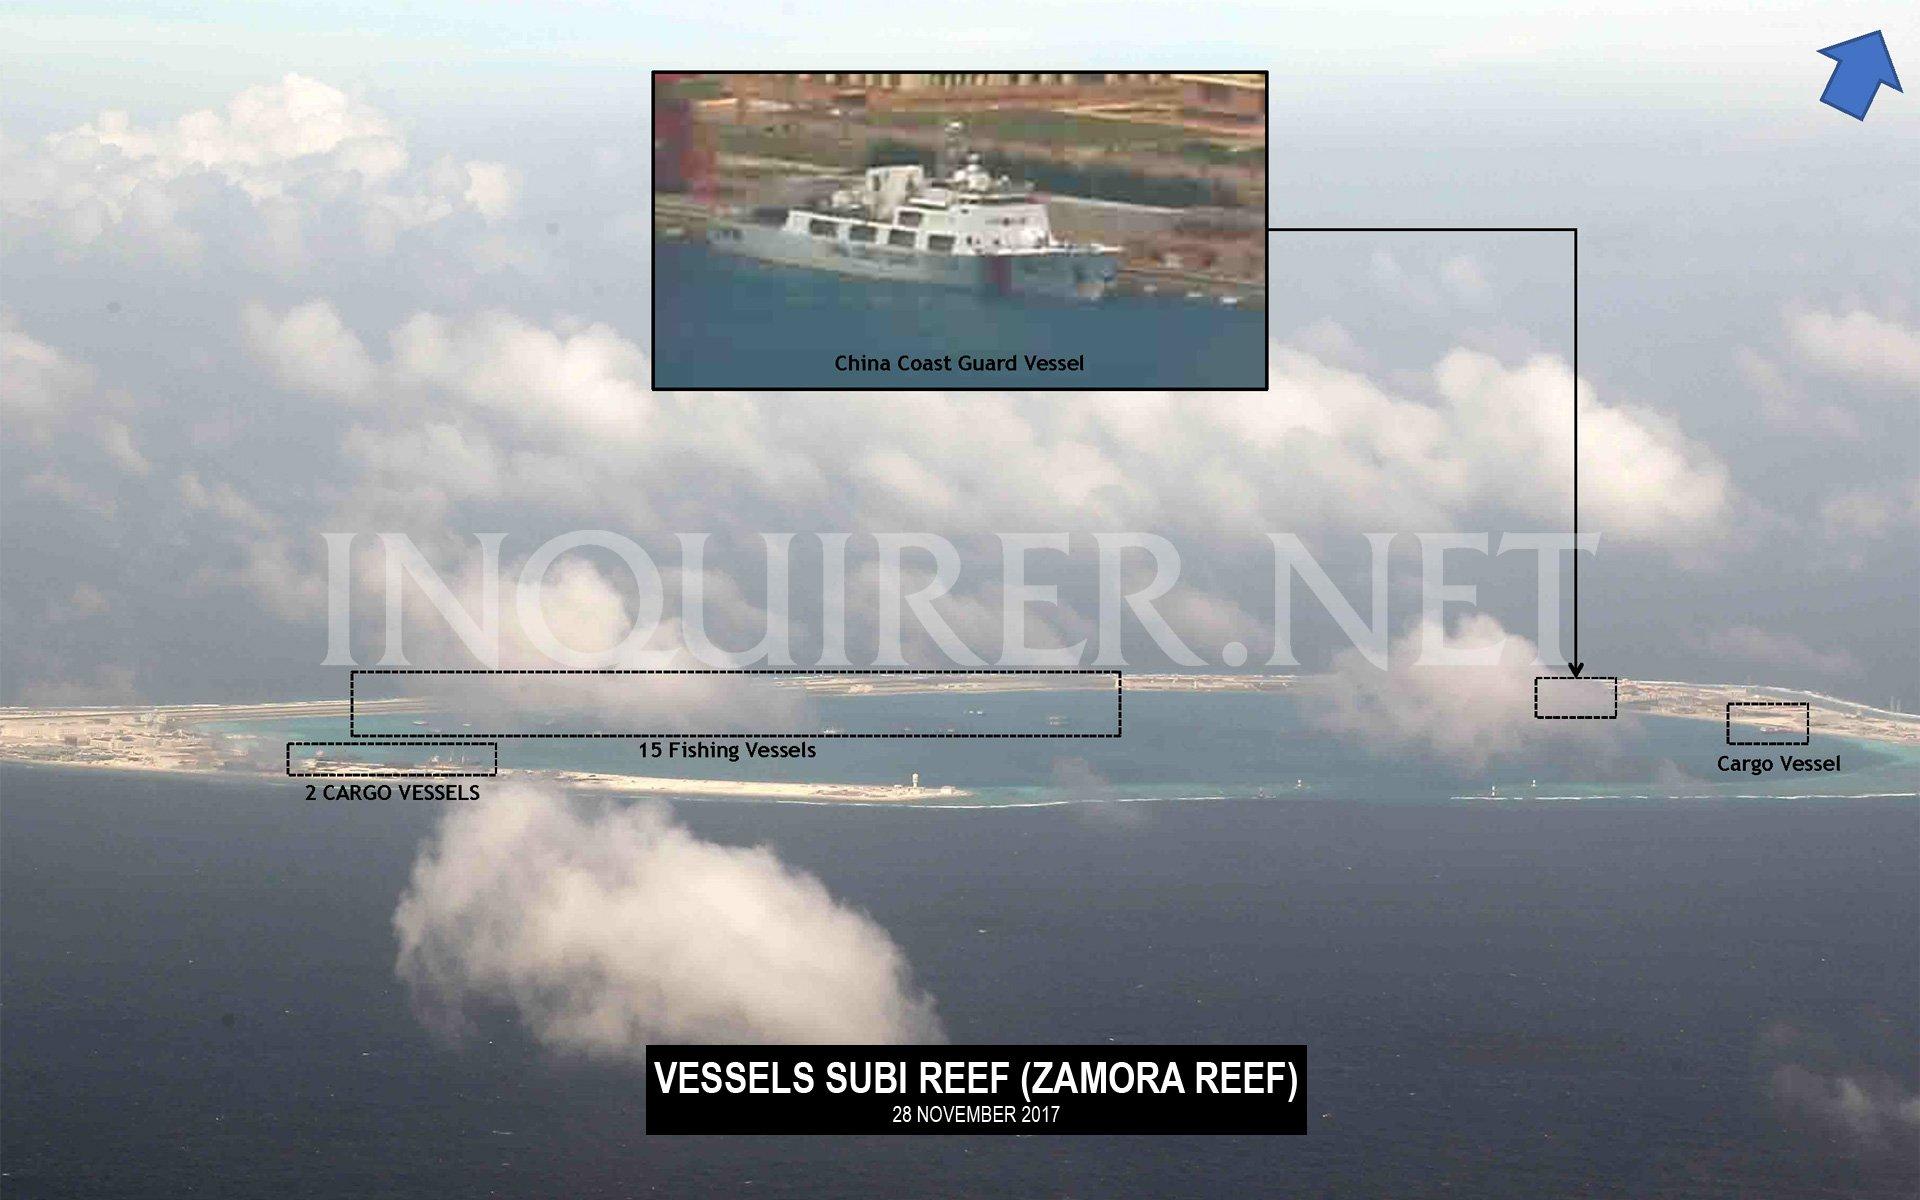 菲律宾《每日问询者报》公布中国南海岛礁进展的航拍照片